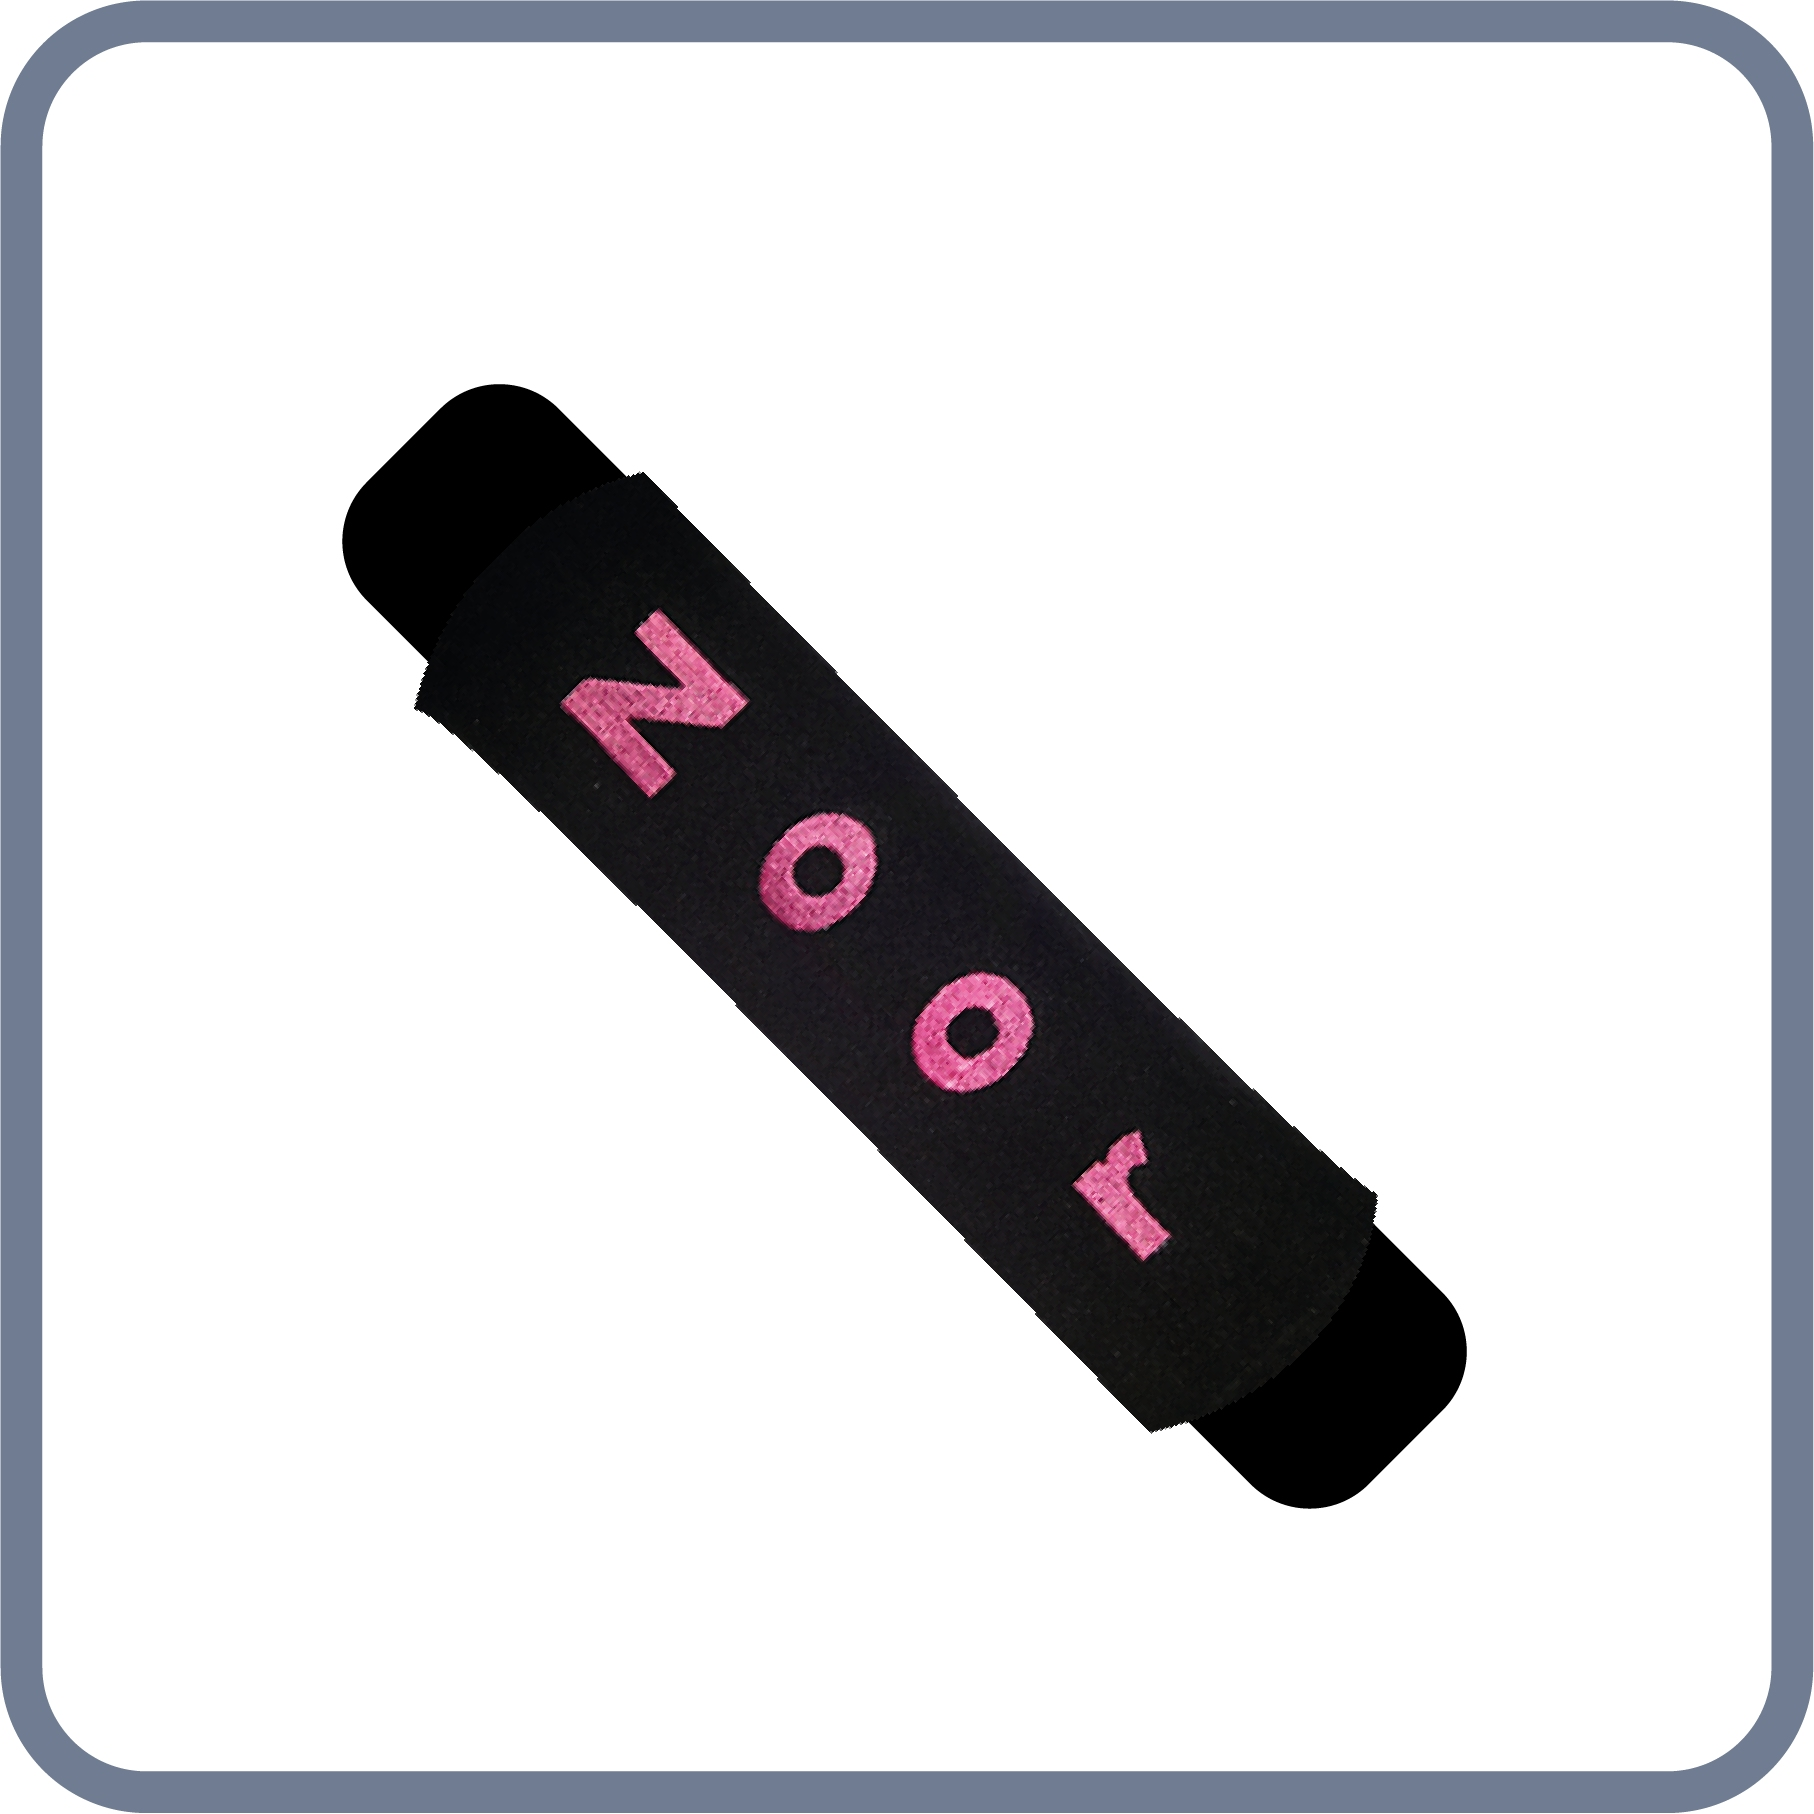 Autogordelhoes kinderen in hippe kleur roze